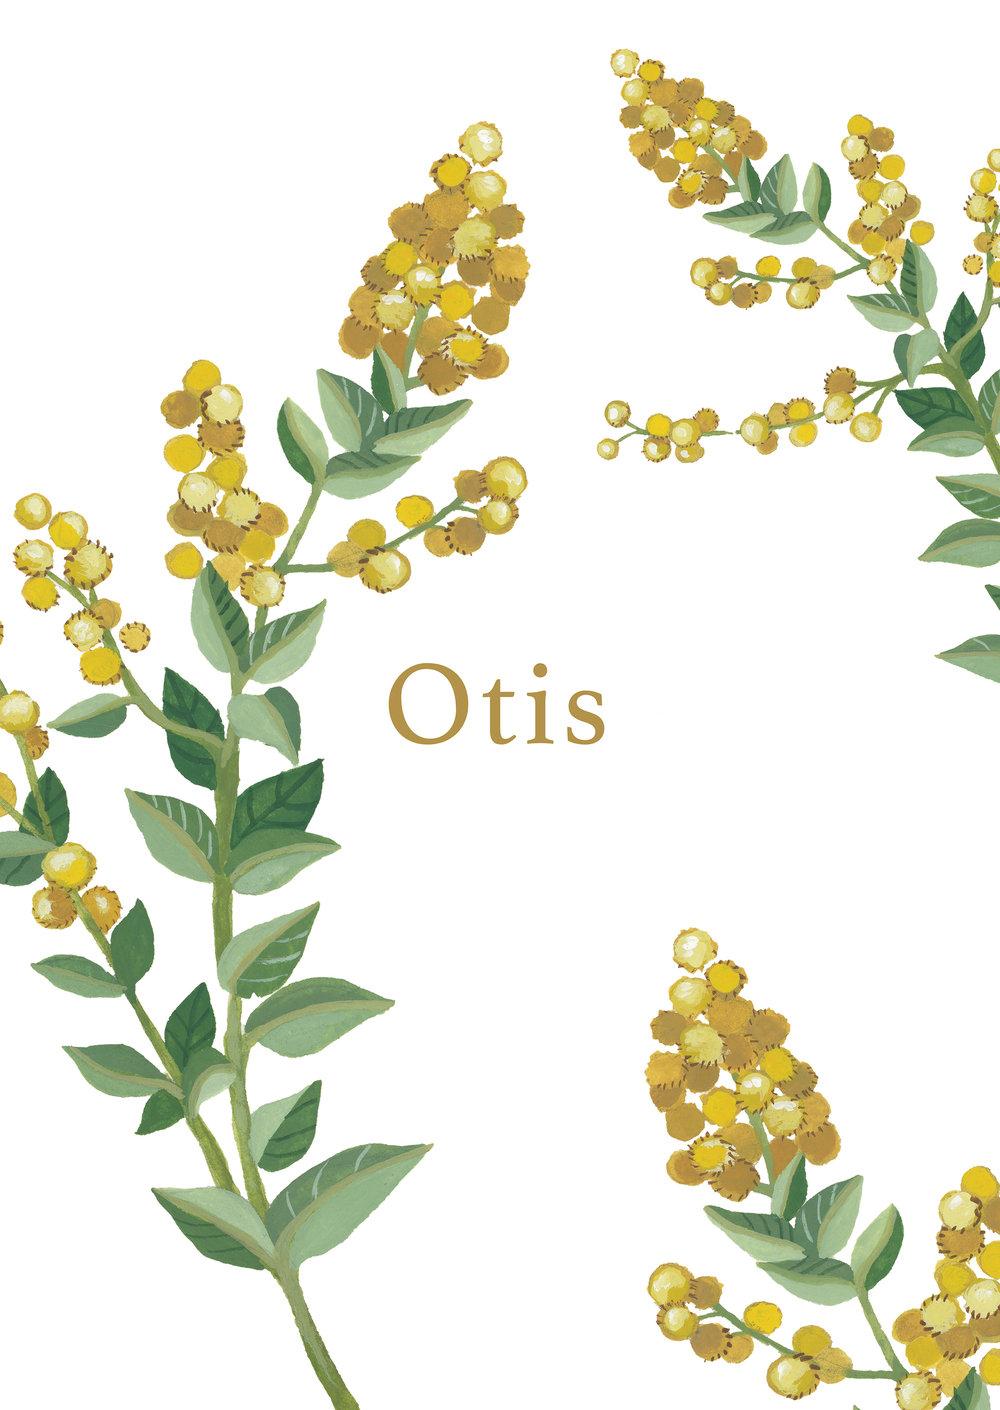 Otis voor.jpg